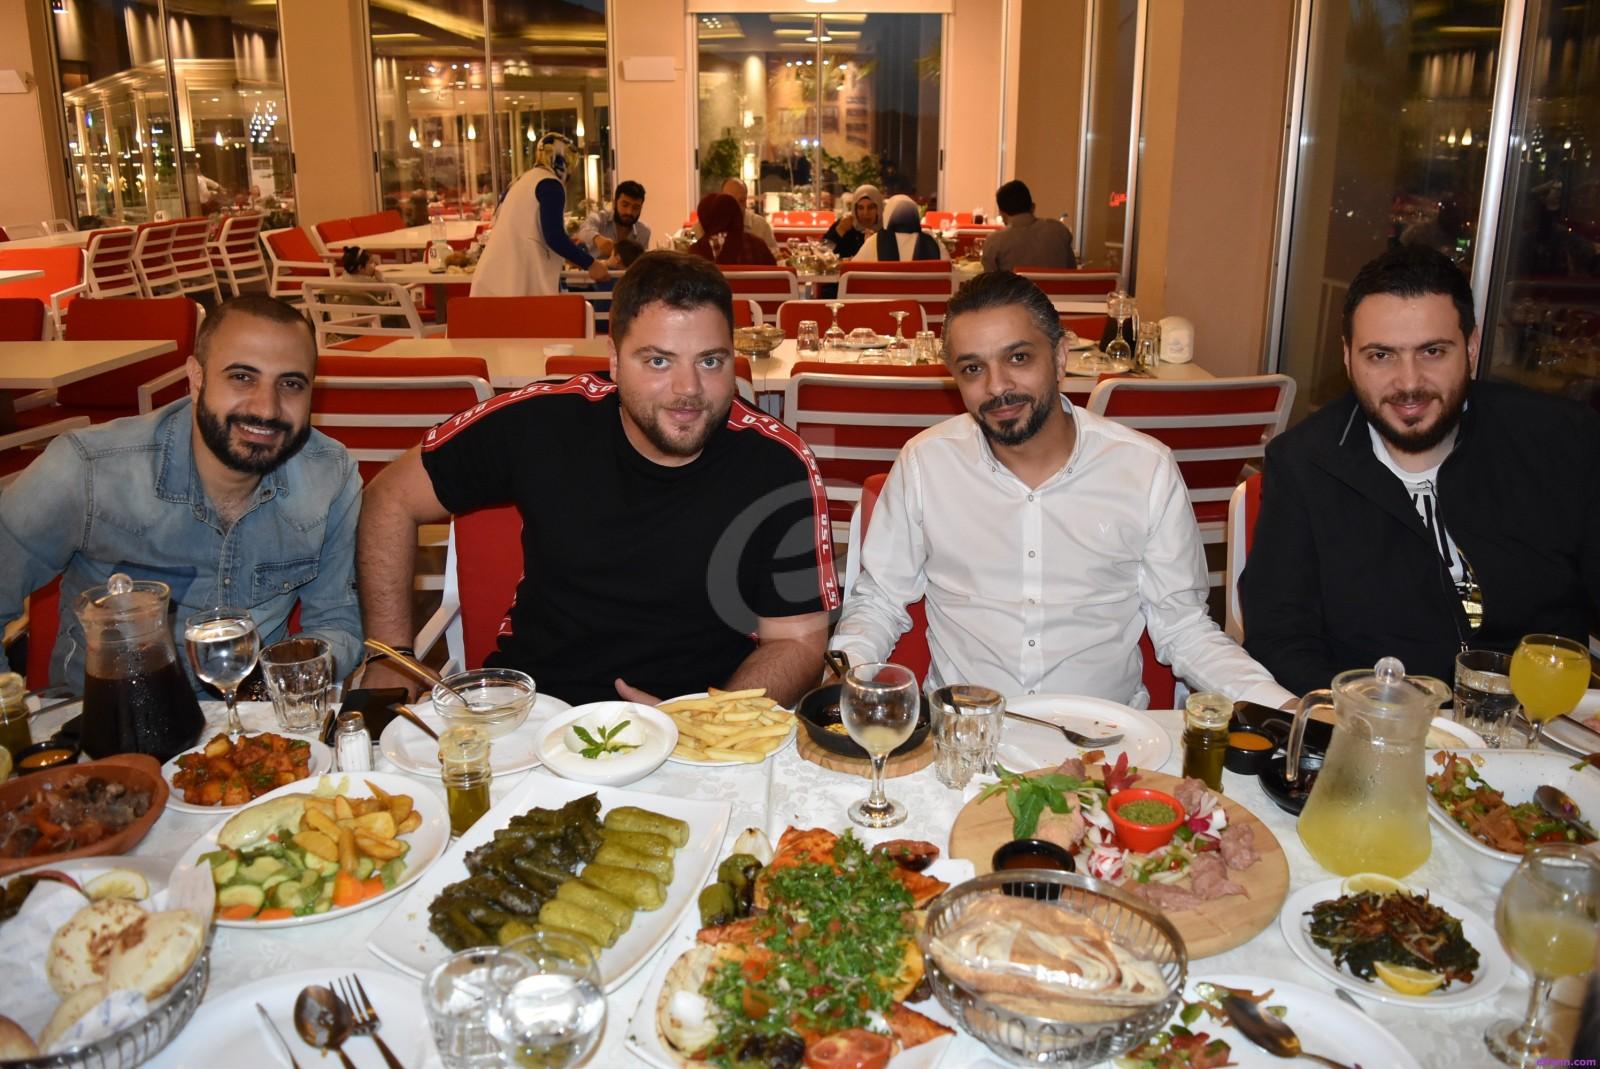 خاص بالصور- عامر زيان يجتمع مع فارس إسكندر وأحمد المنجد وكليب جديد